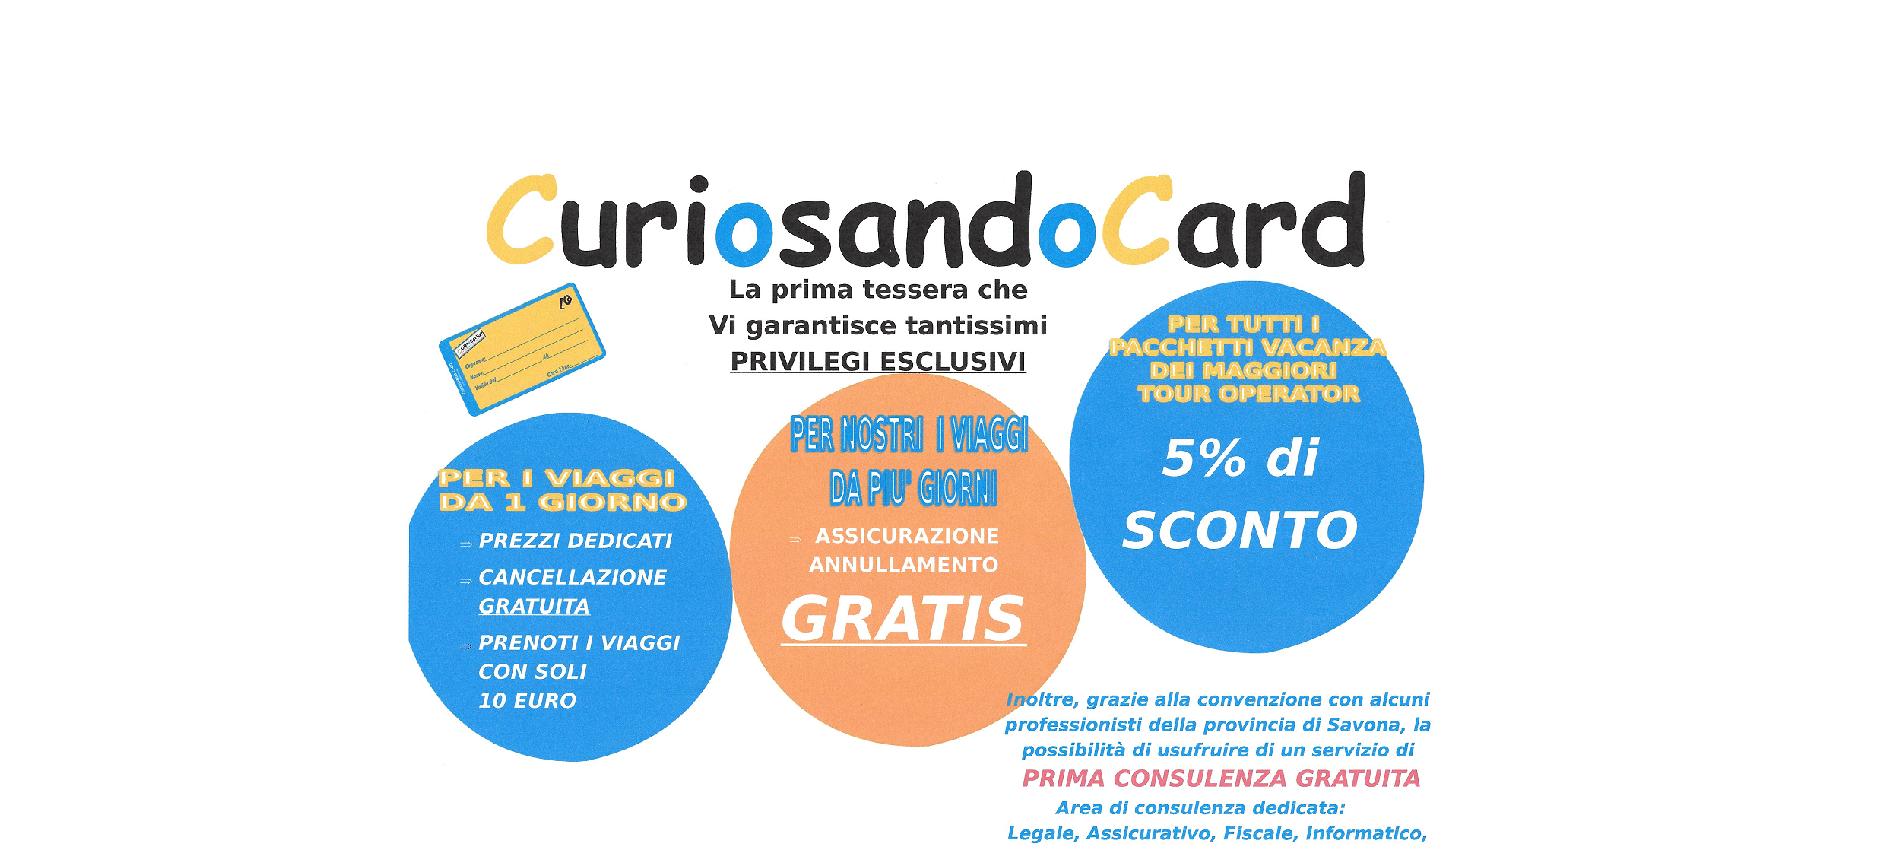 CuriosandoCard